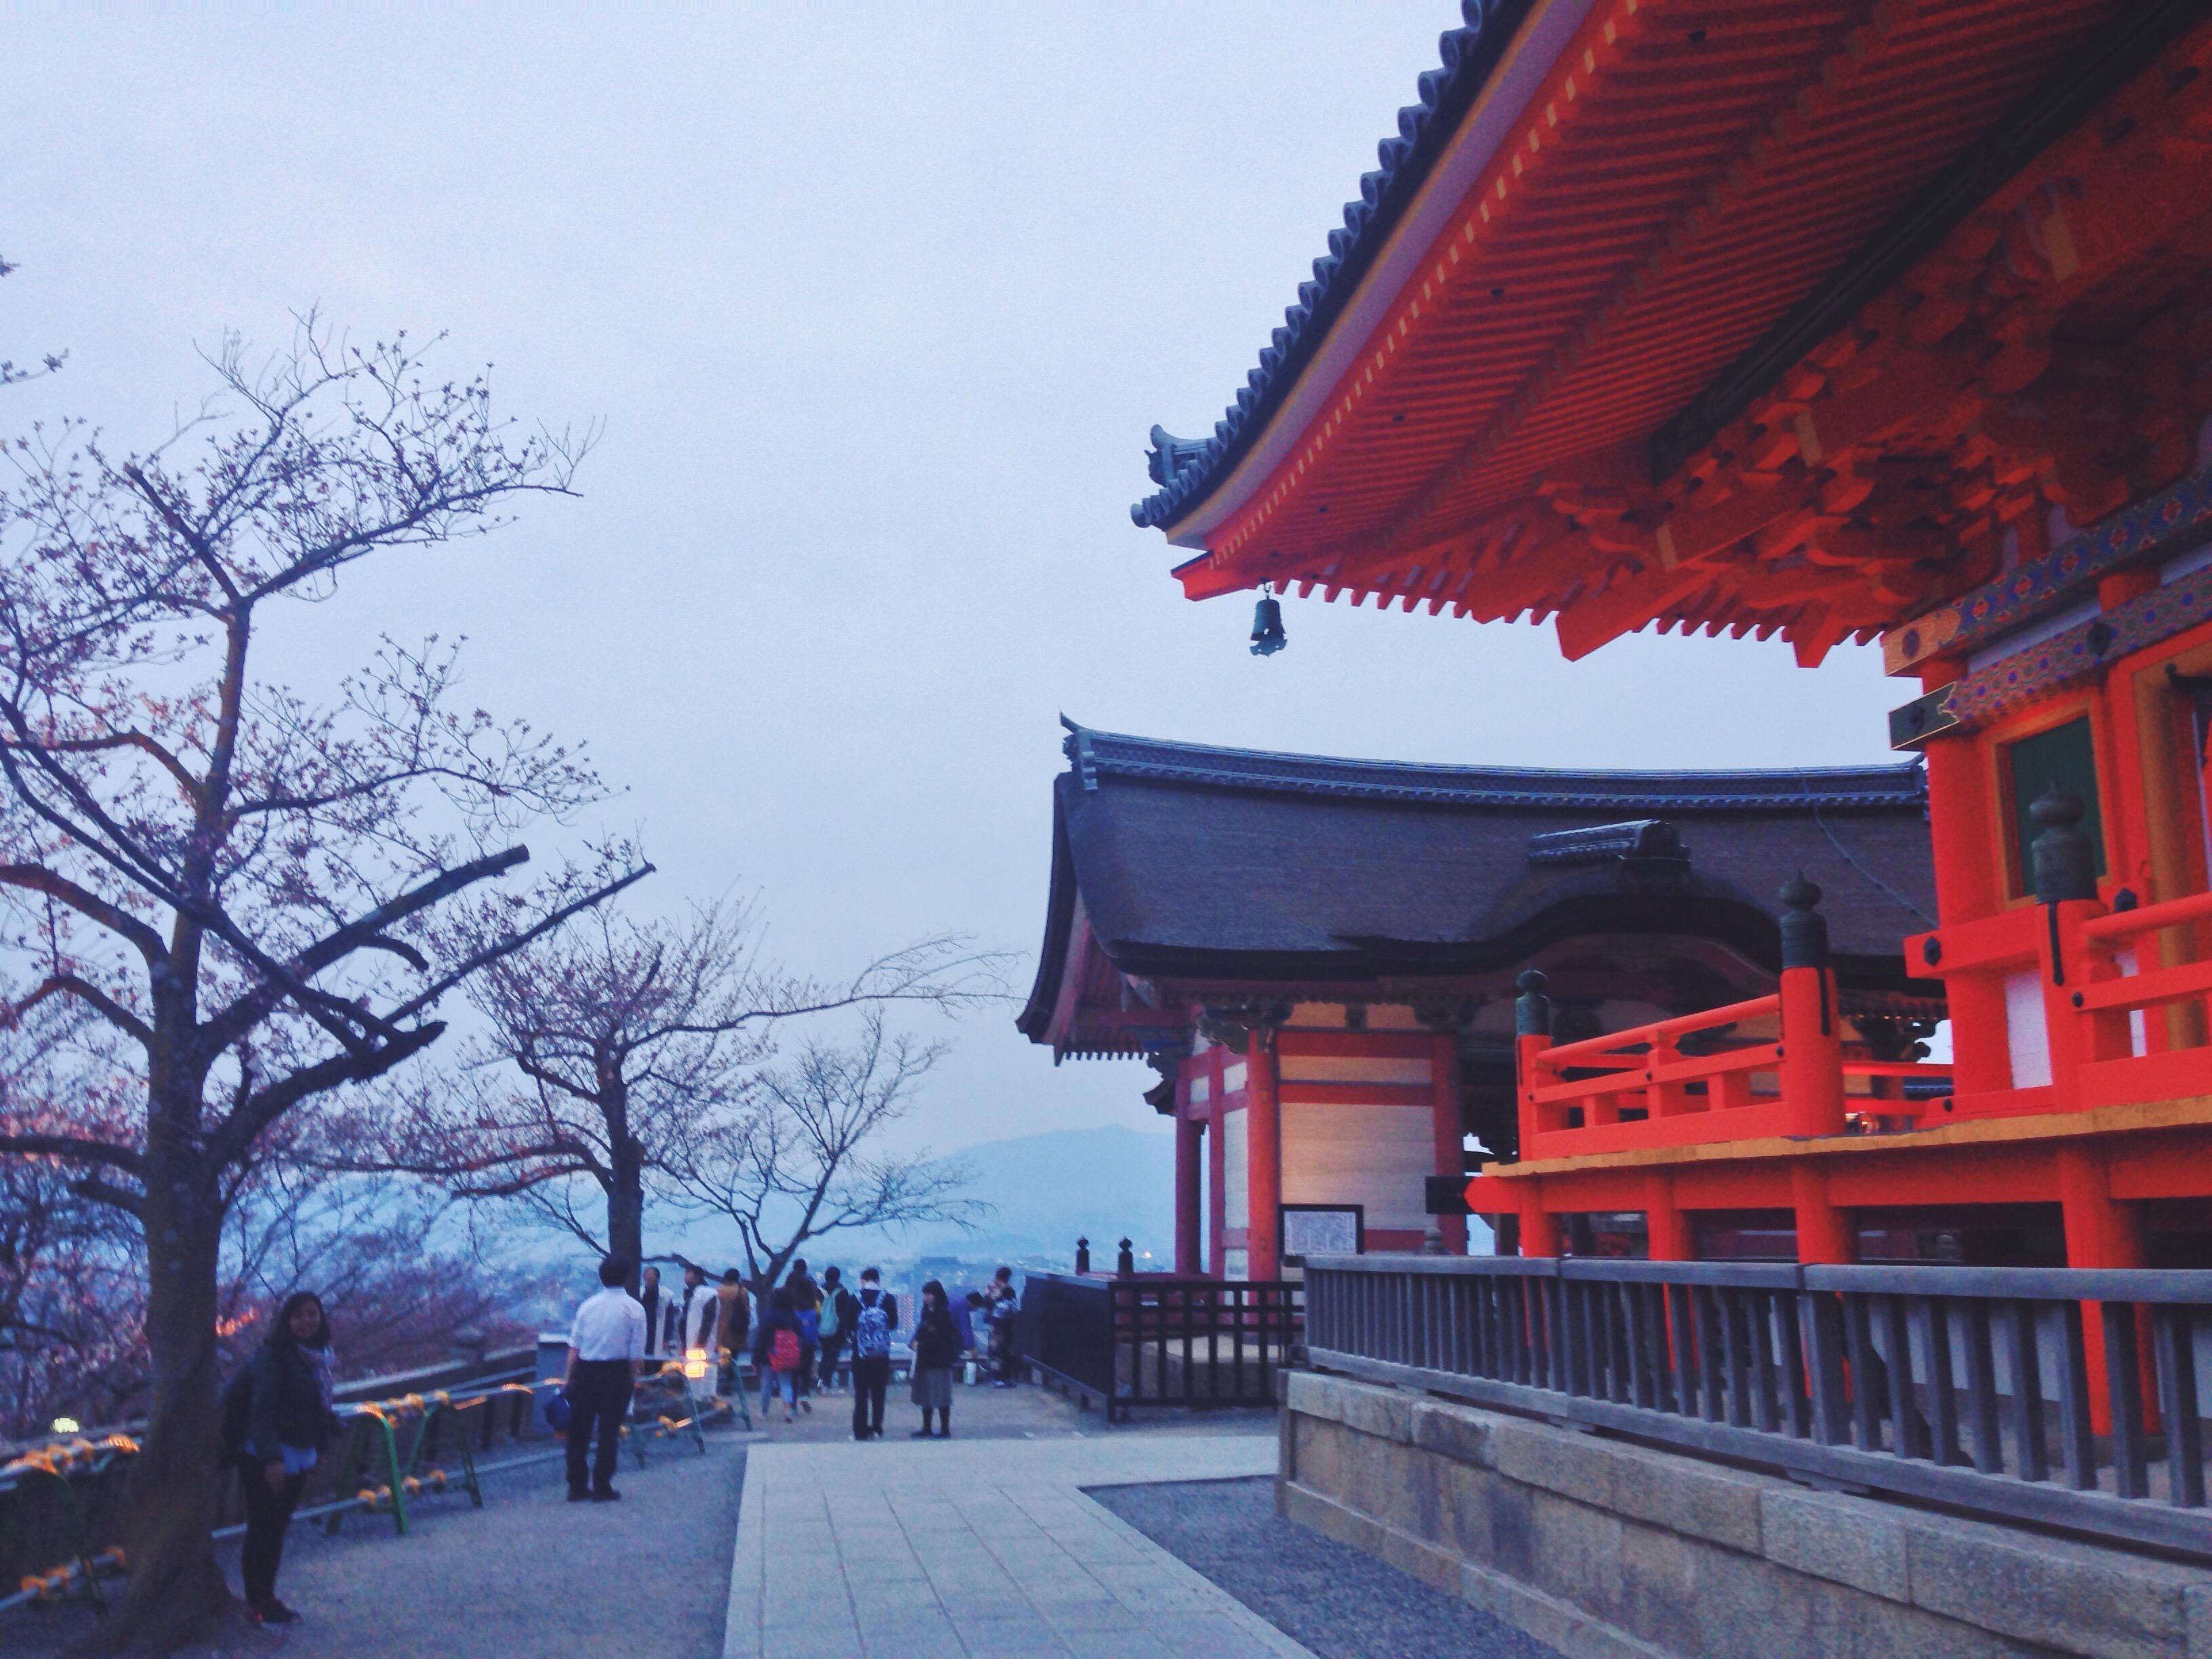 Lo splendore del Tempio Kiyomizu-dera quando cala la sera